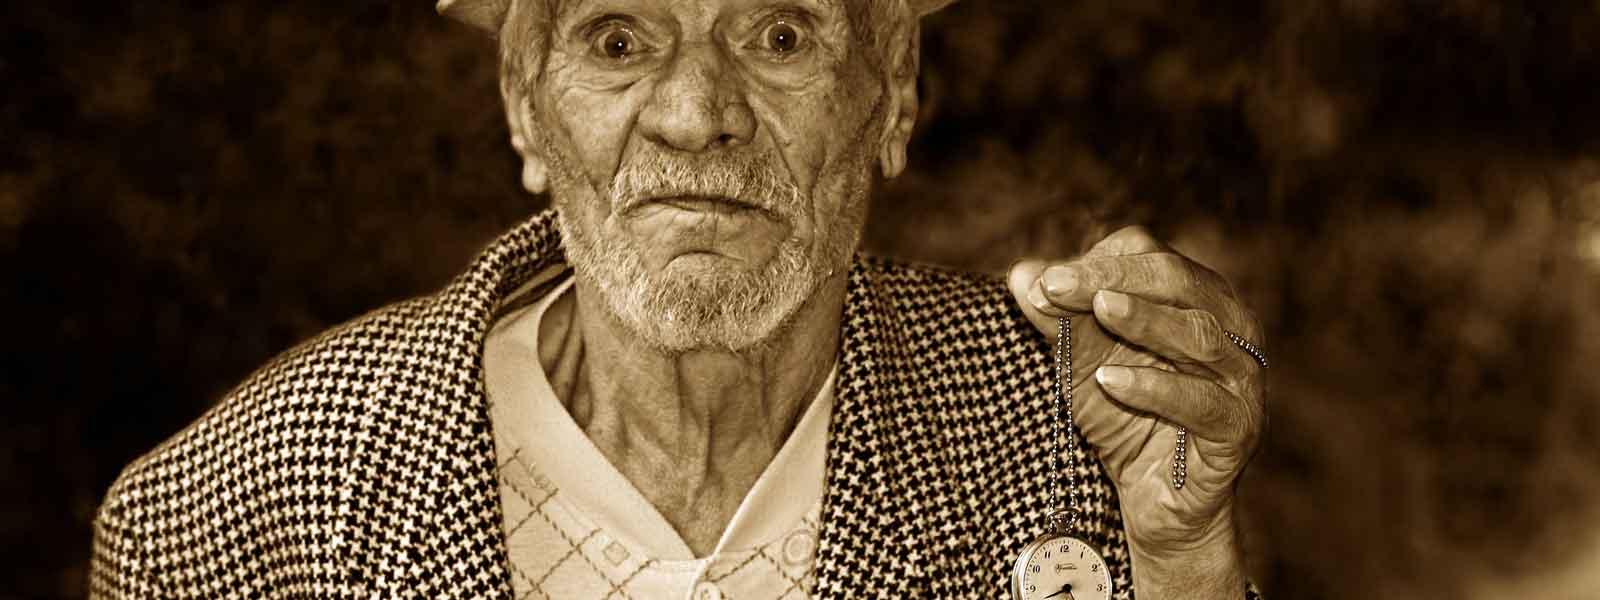 oude man met een zakhorloge in zijn hand